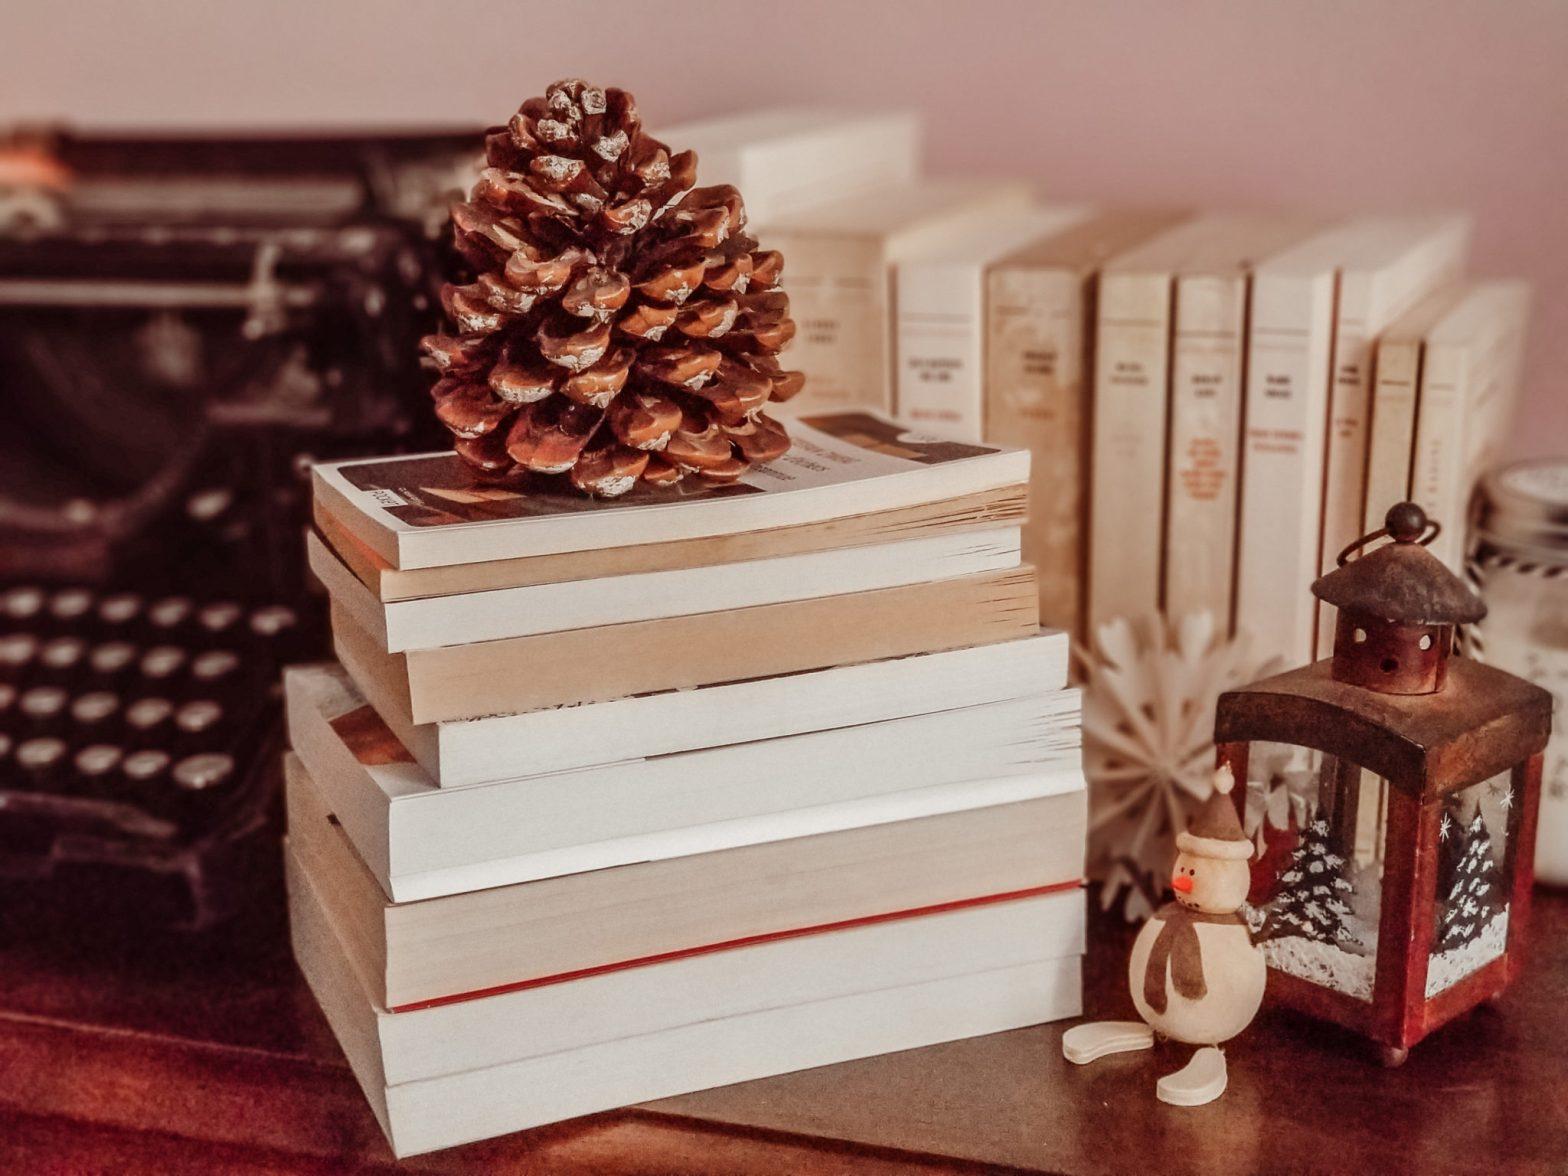 Romans et livres sur les échecs